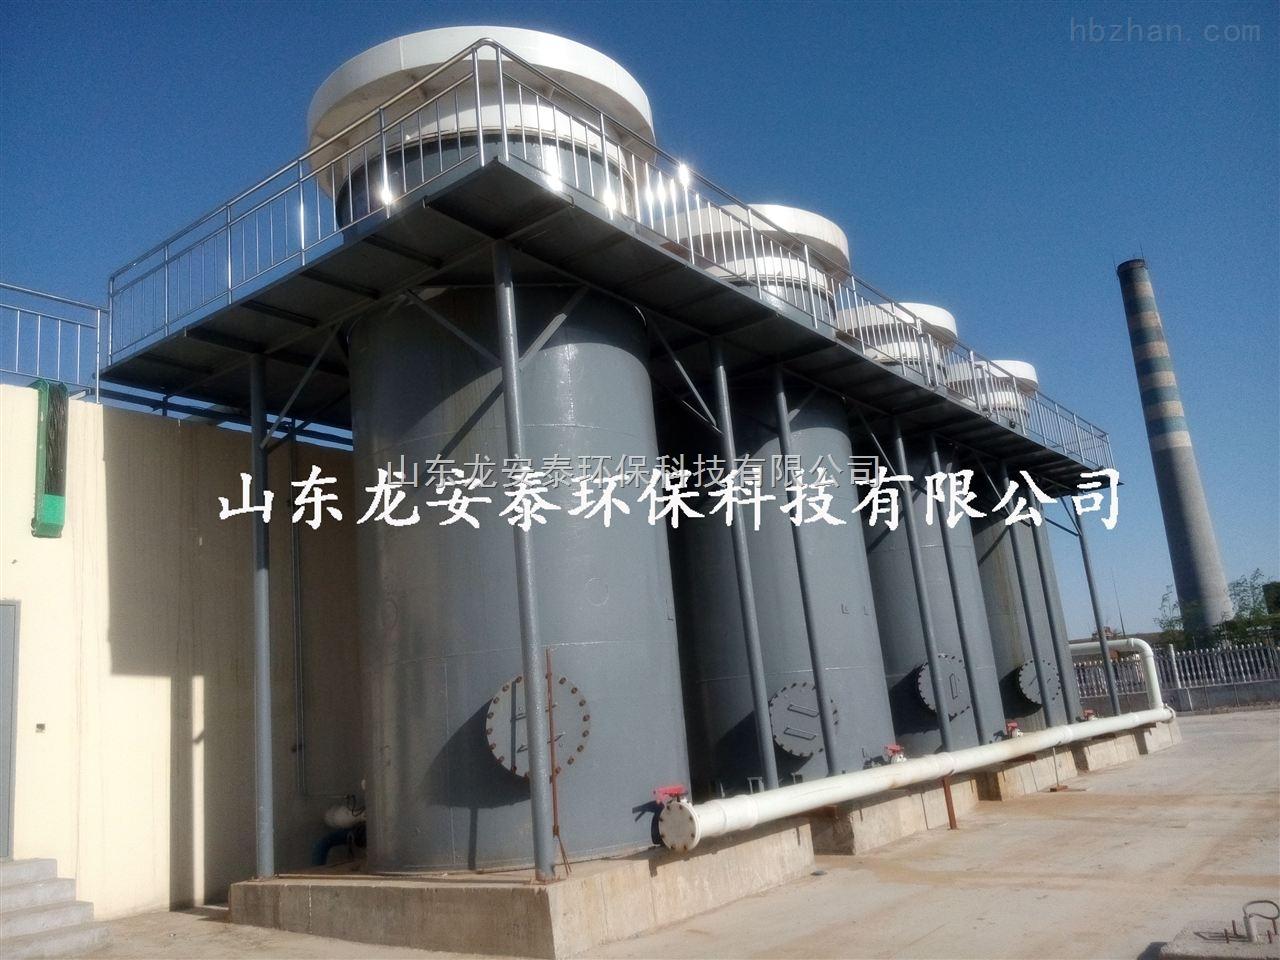 铁碳填料微电解污水处理优势体现在哪些方面